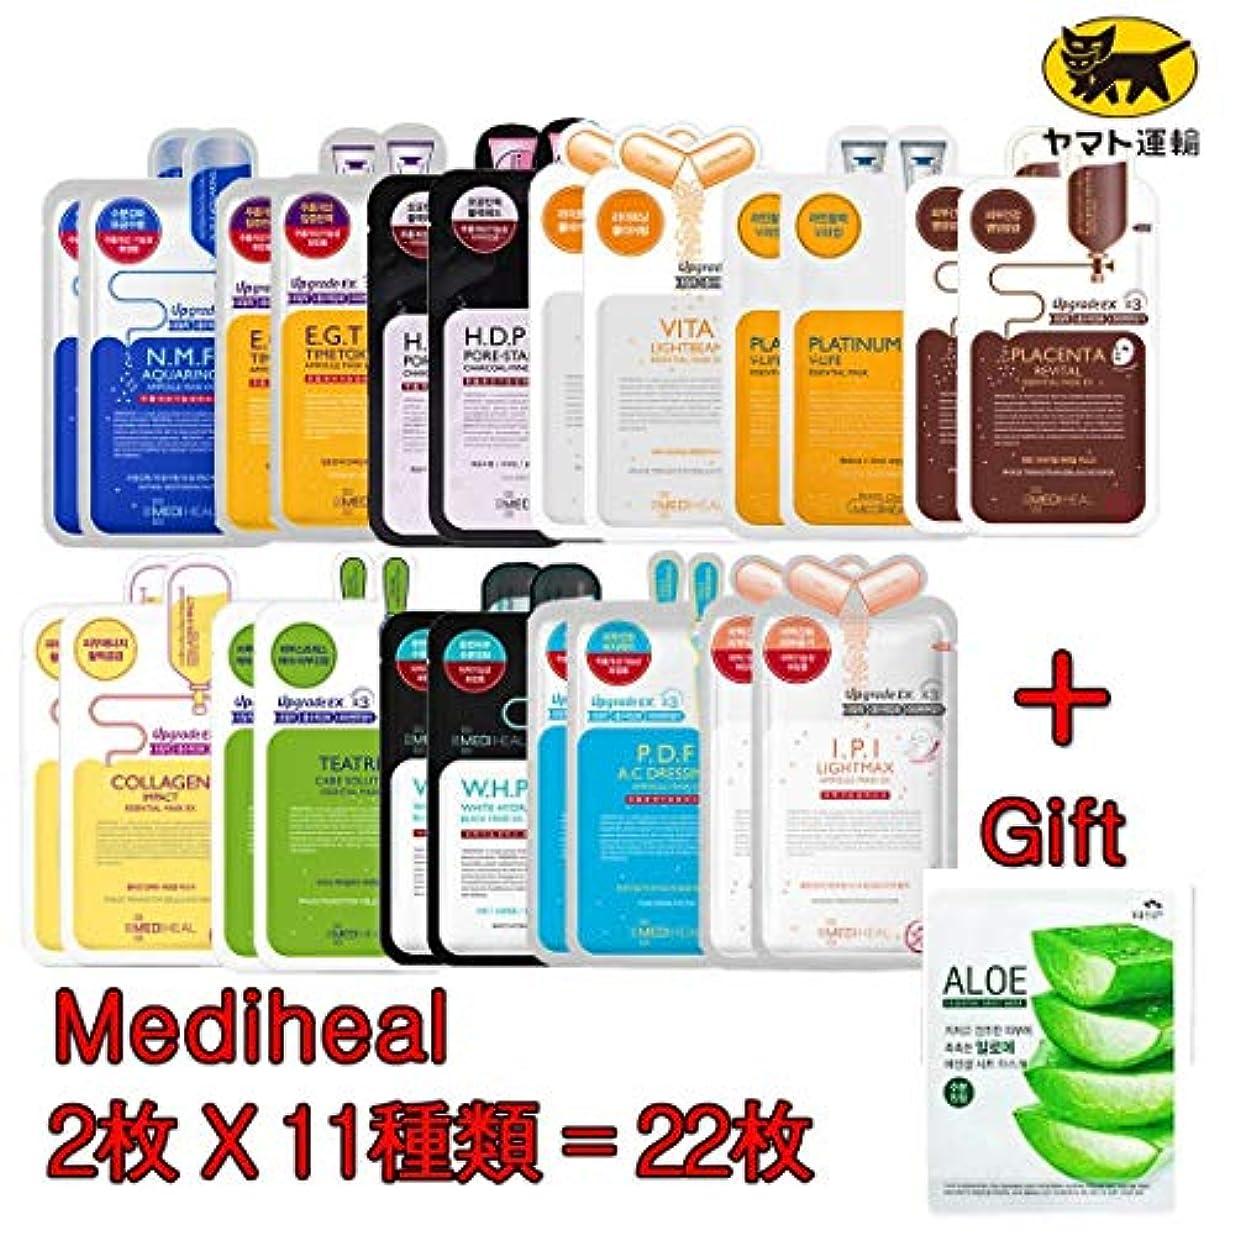 メディヒール(Mediheal) 11種類 X 各2枚ずつ = 全22枚